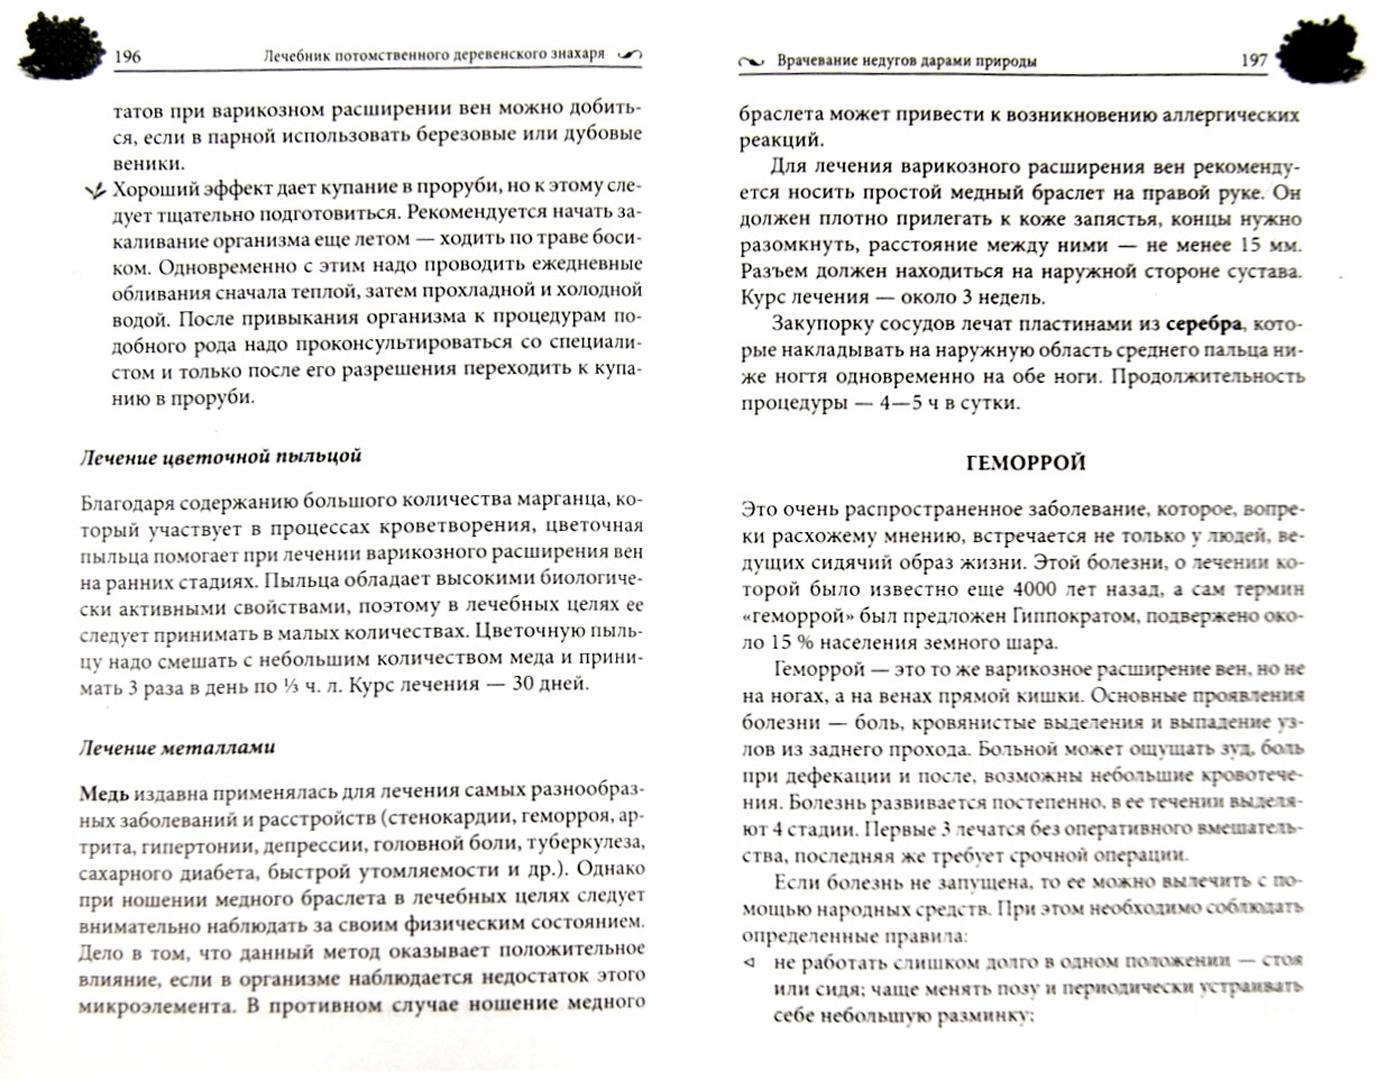 Иллюстрация 1 из 5 для Лечебник потомственного деревенского знахаря. Исцеление народными методами любых хворей | Лабиринт - книги. Источник: Лабиринт